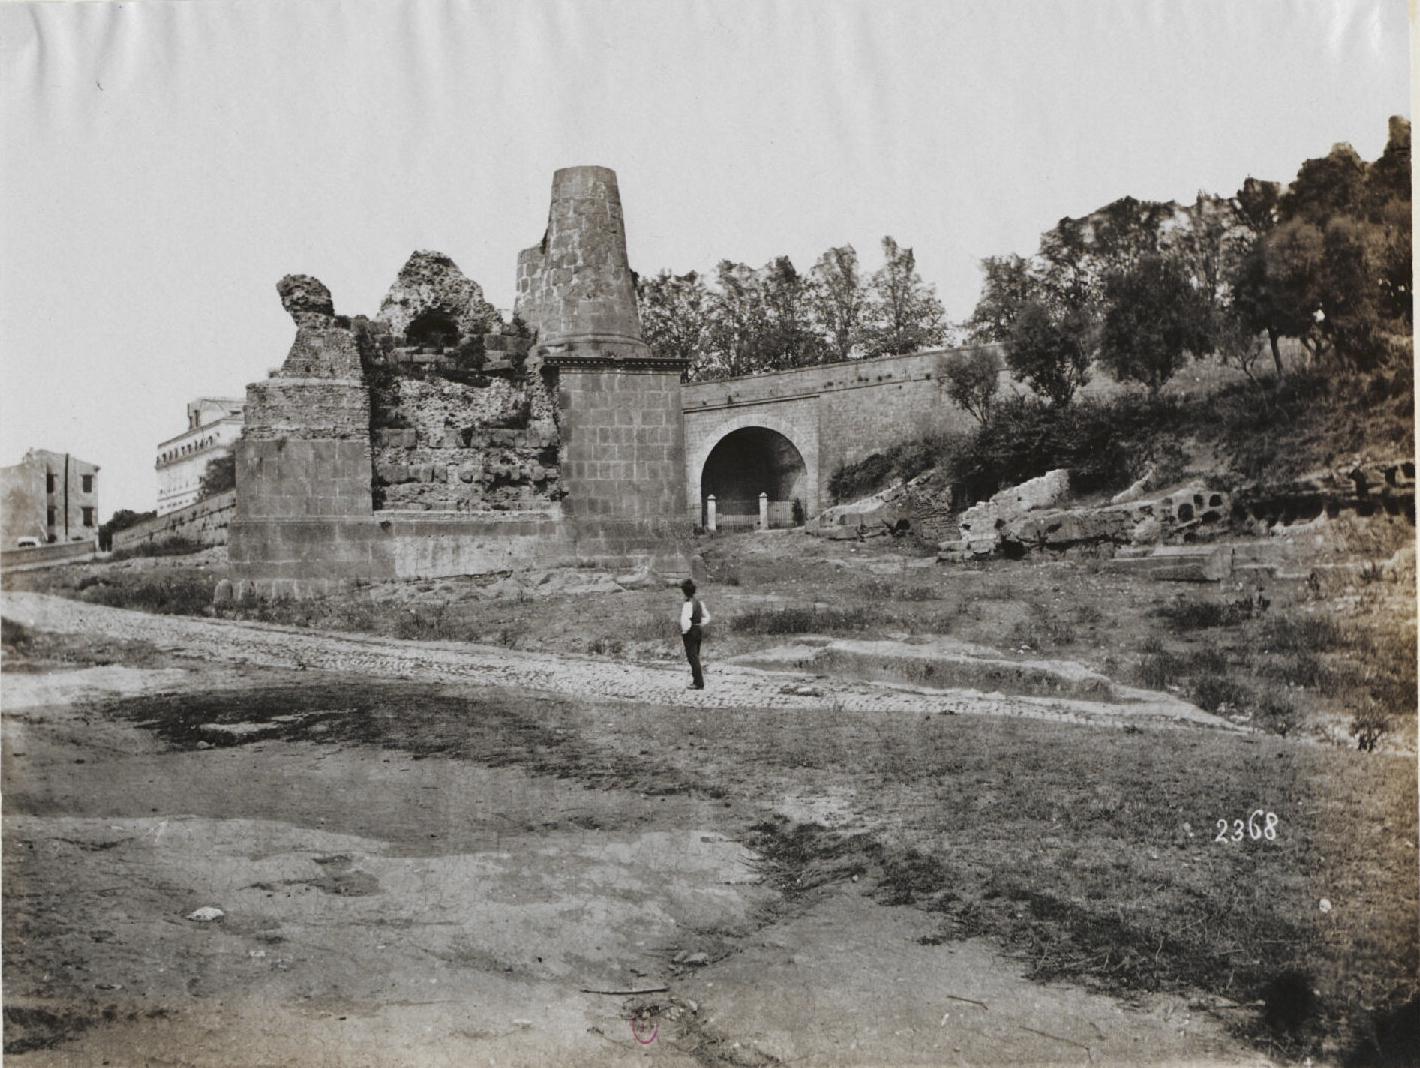 Альба-Лонга. Гробница в окрестностях на Аппиевой дороге  в подражание этрусскам